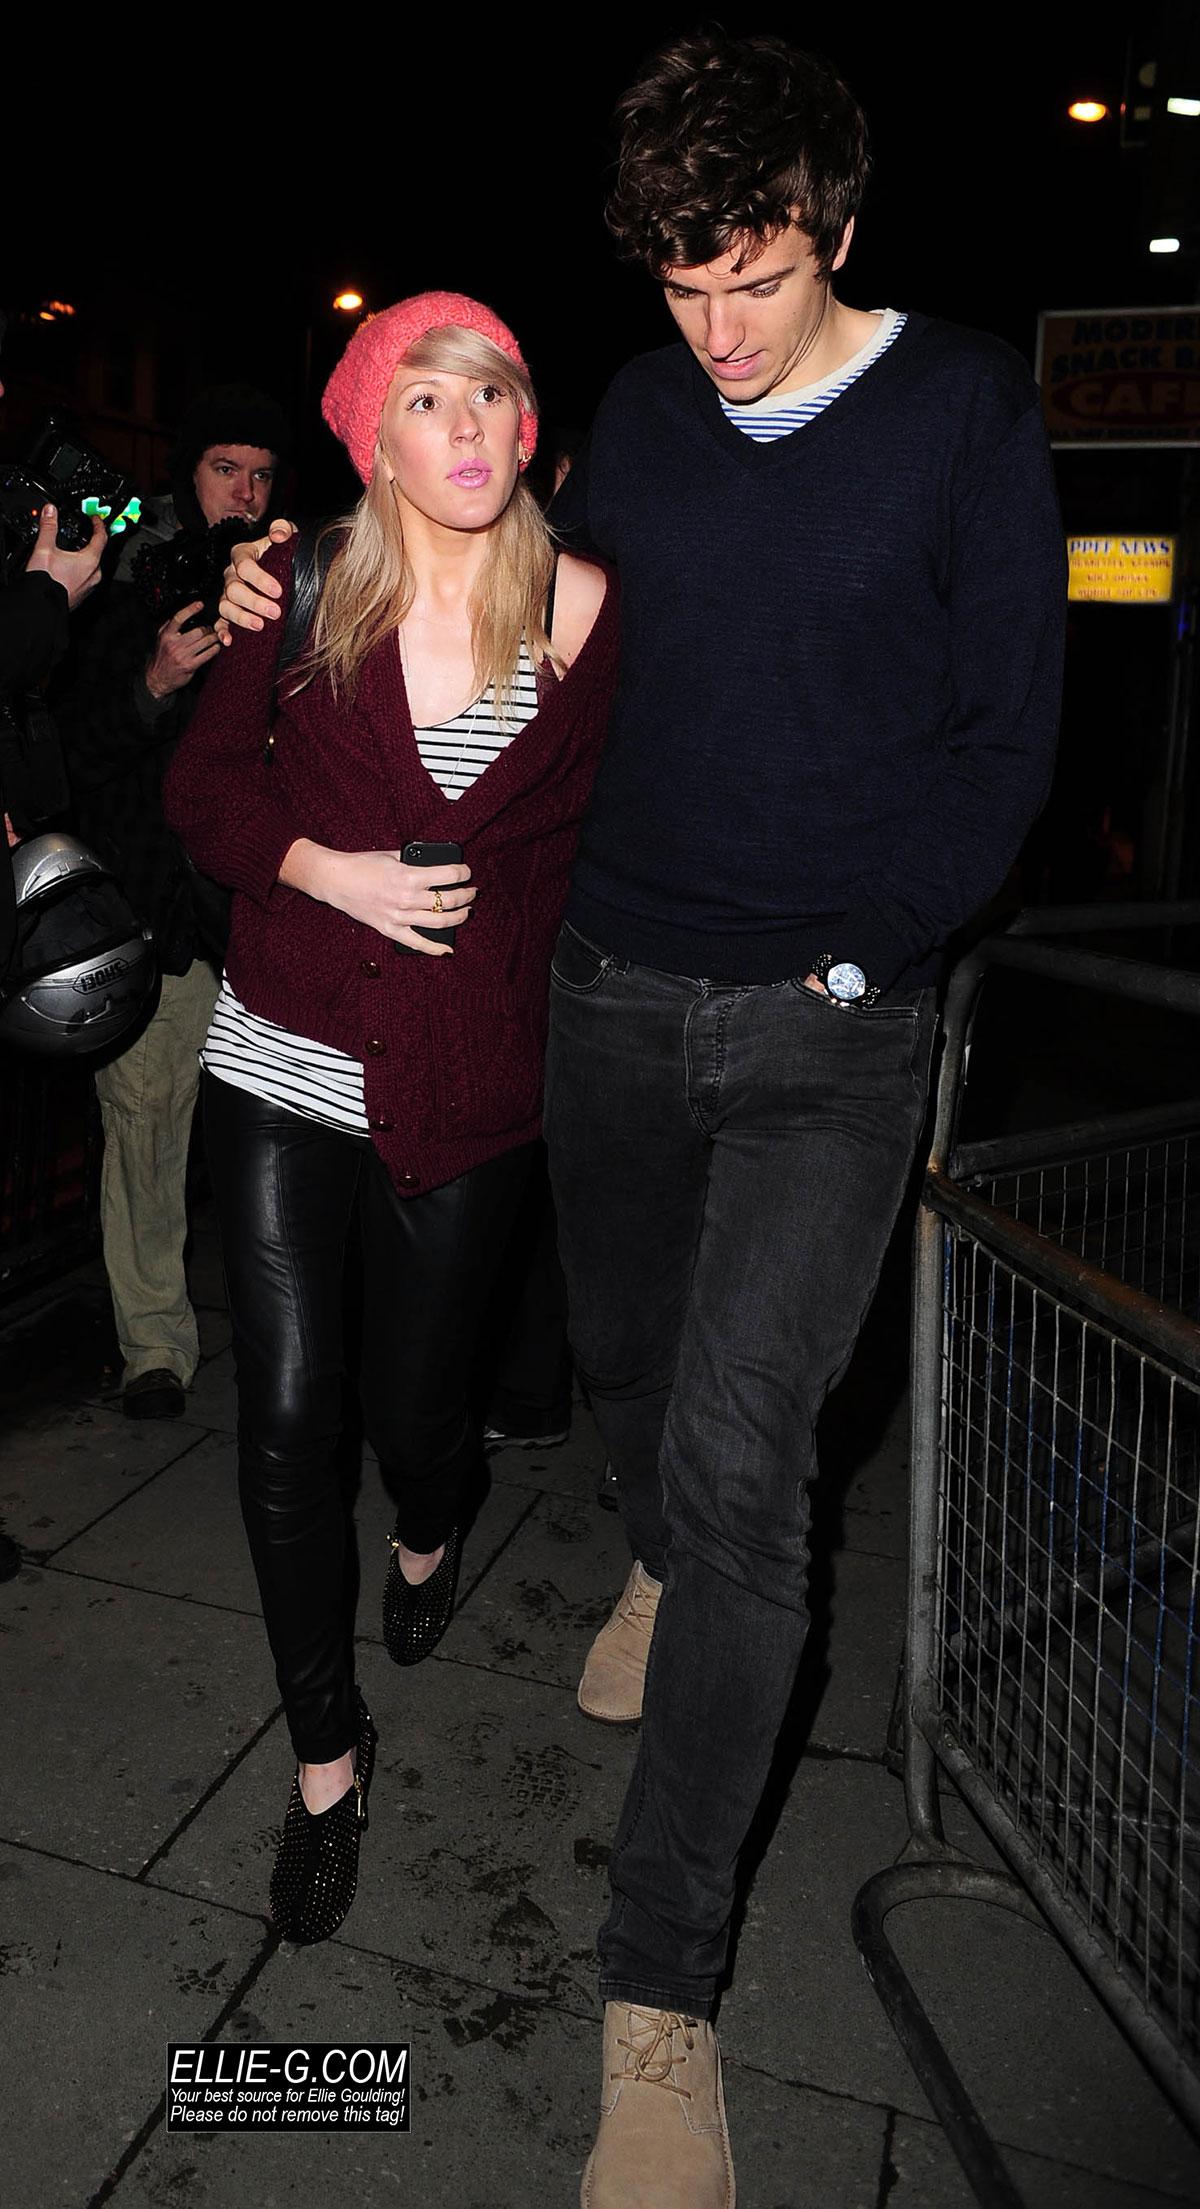 Ellie Goulding arrives at a Jessie J performance